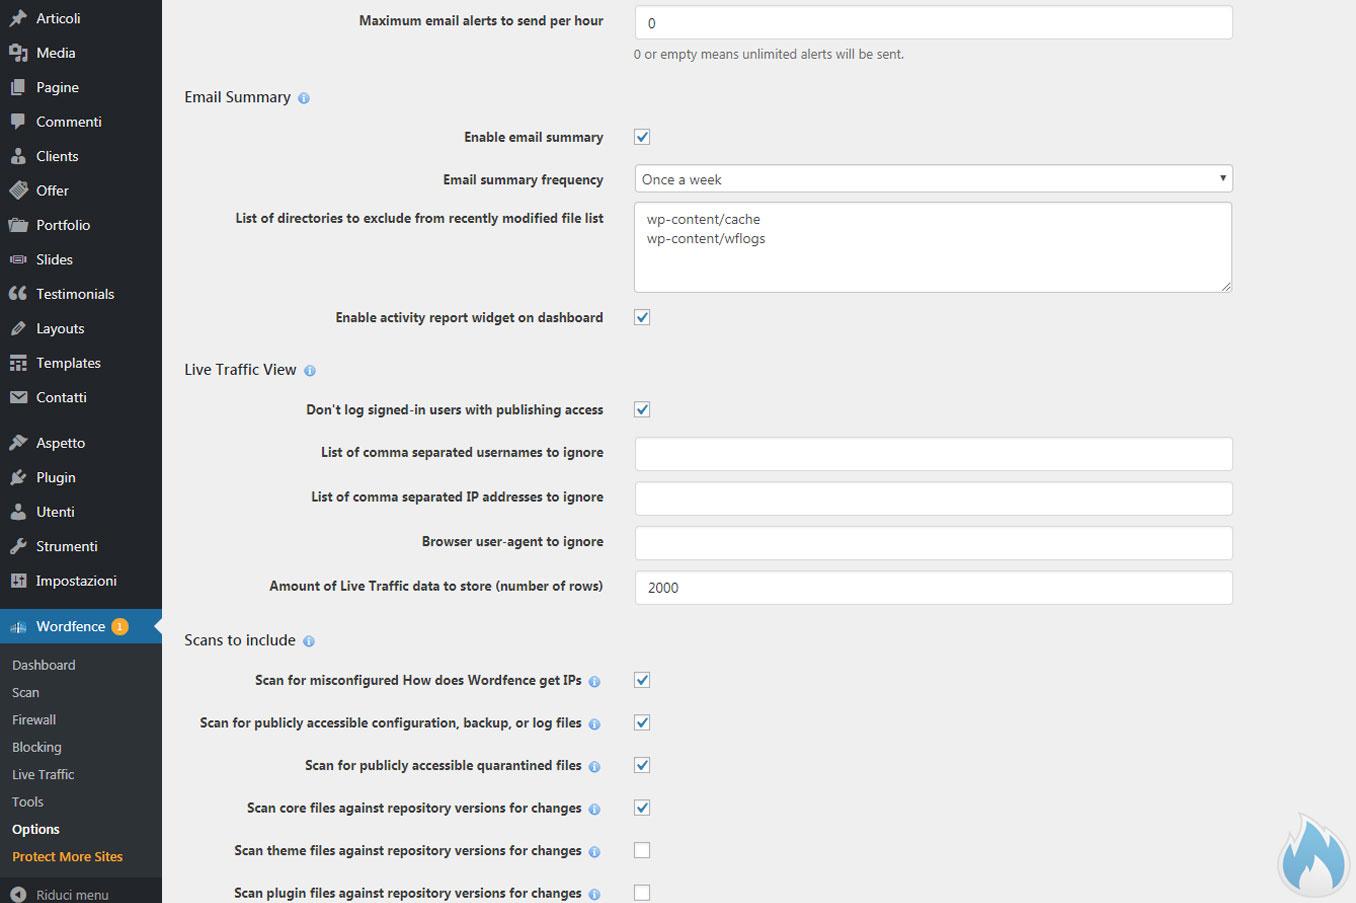 Le opzioni avanzate di Wordfence 2